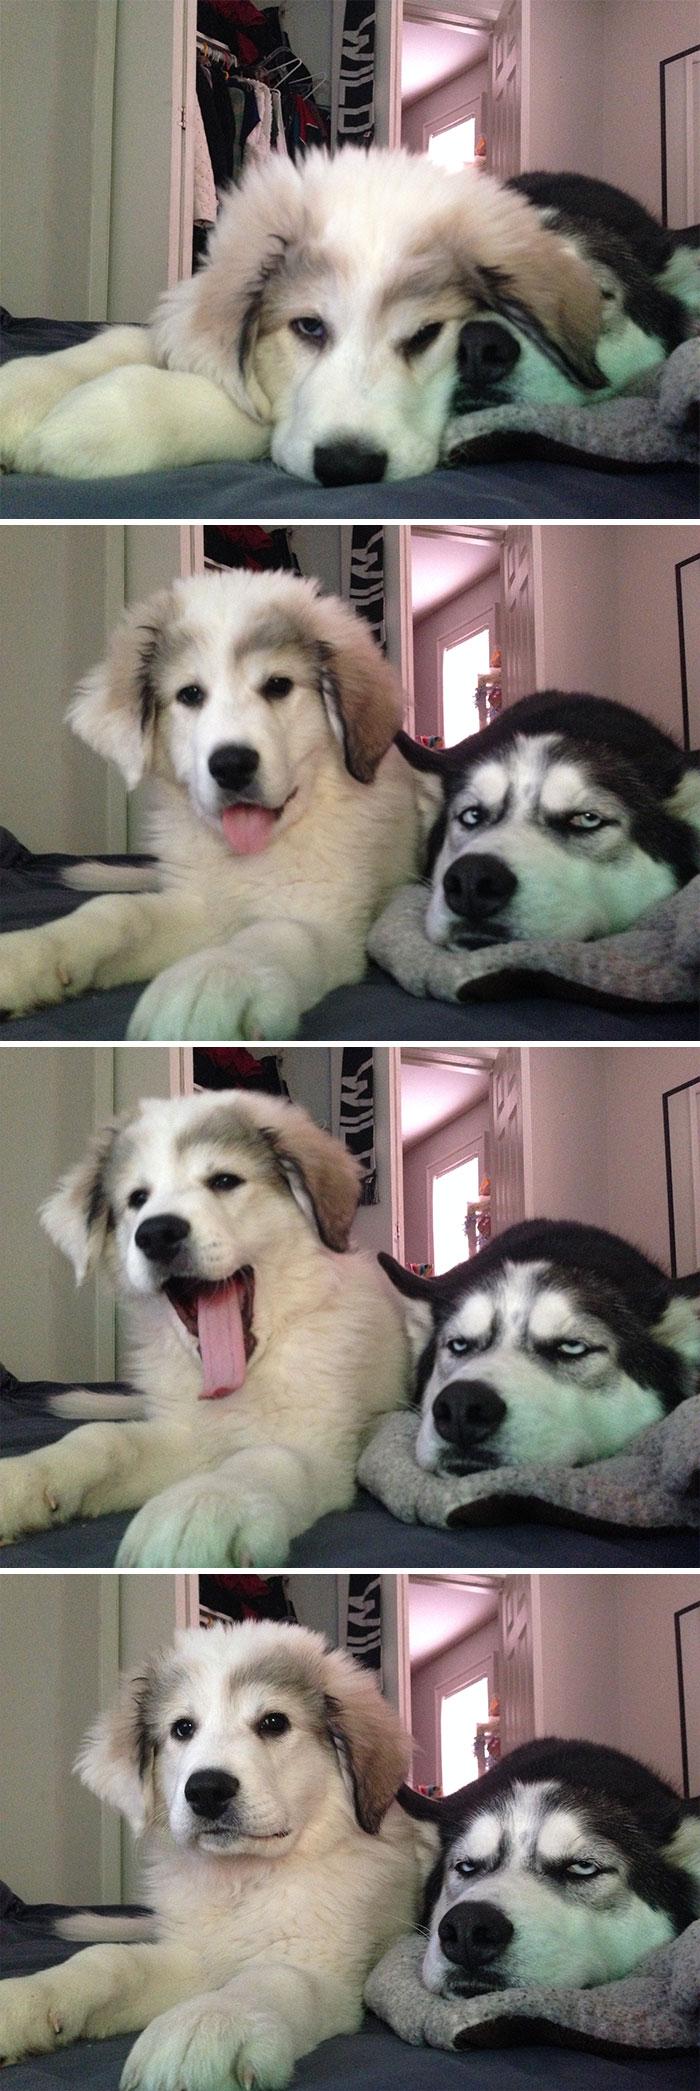 18+ смешных фото, доказывающих, что лучше хаски может быть только... две хаски!